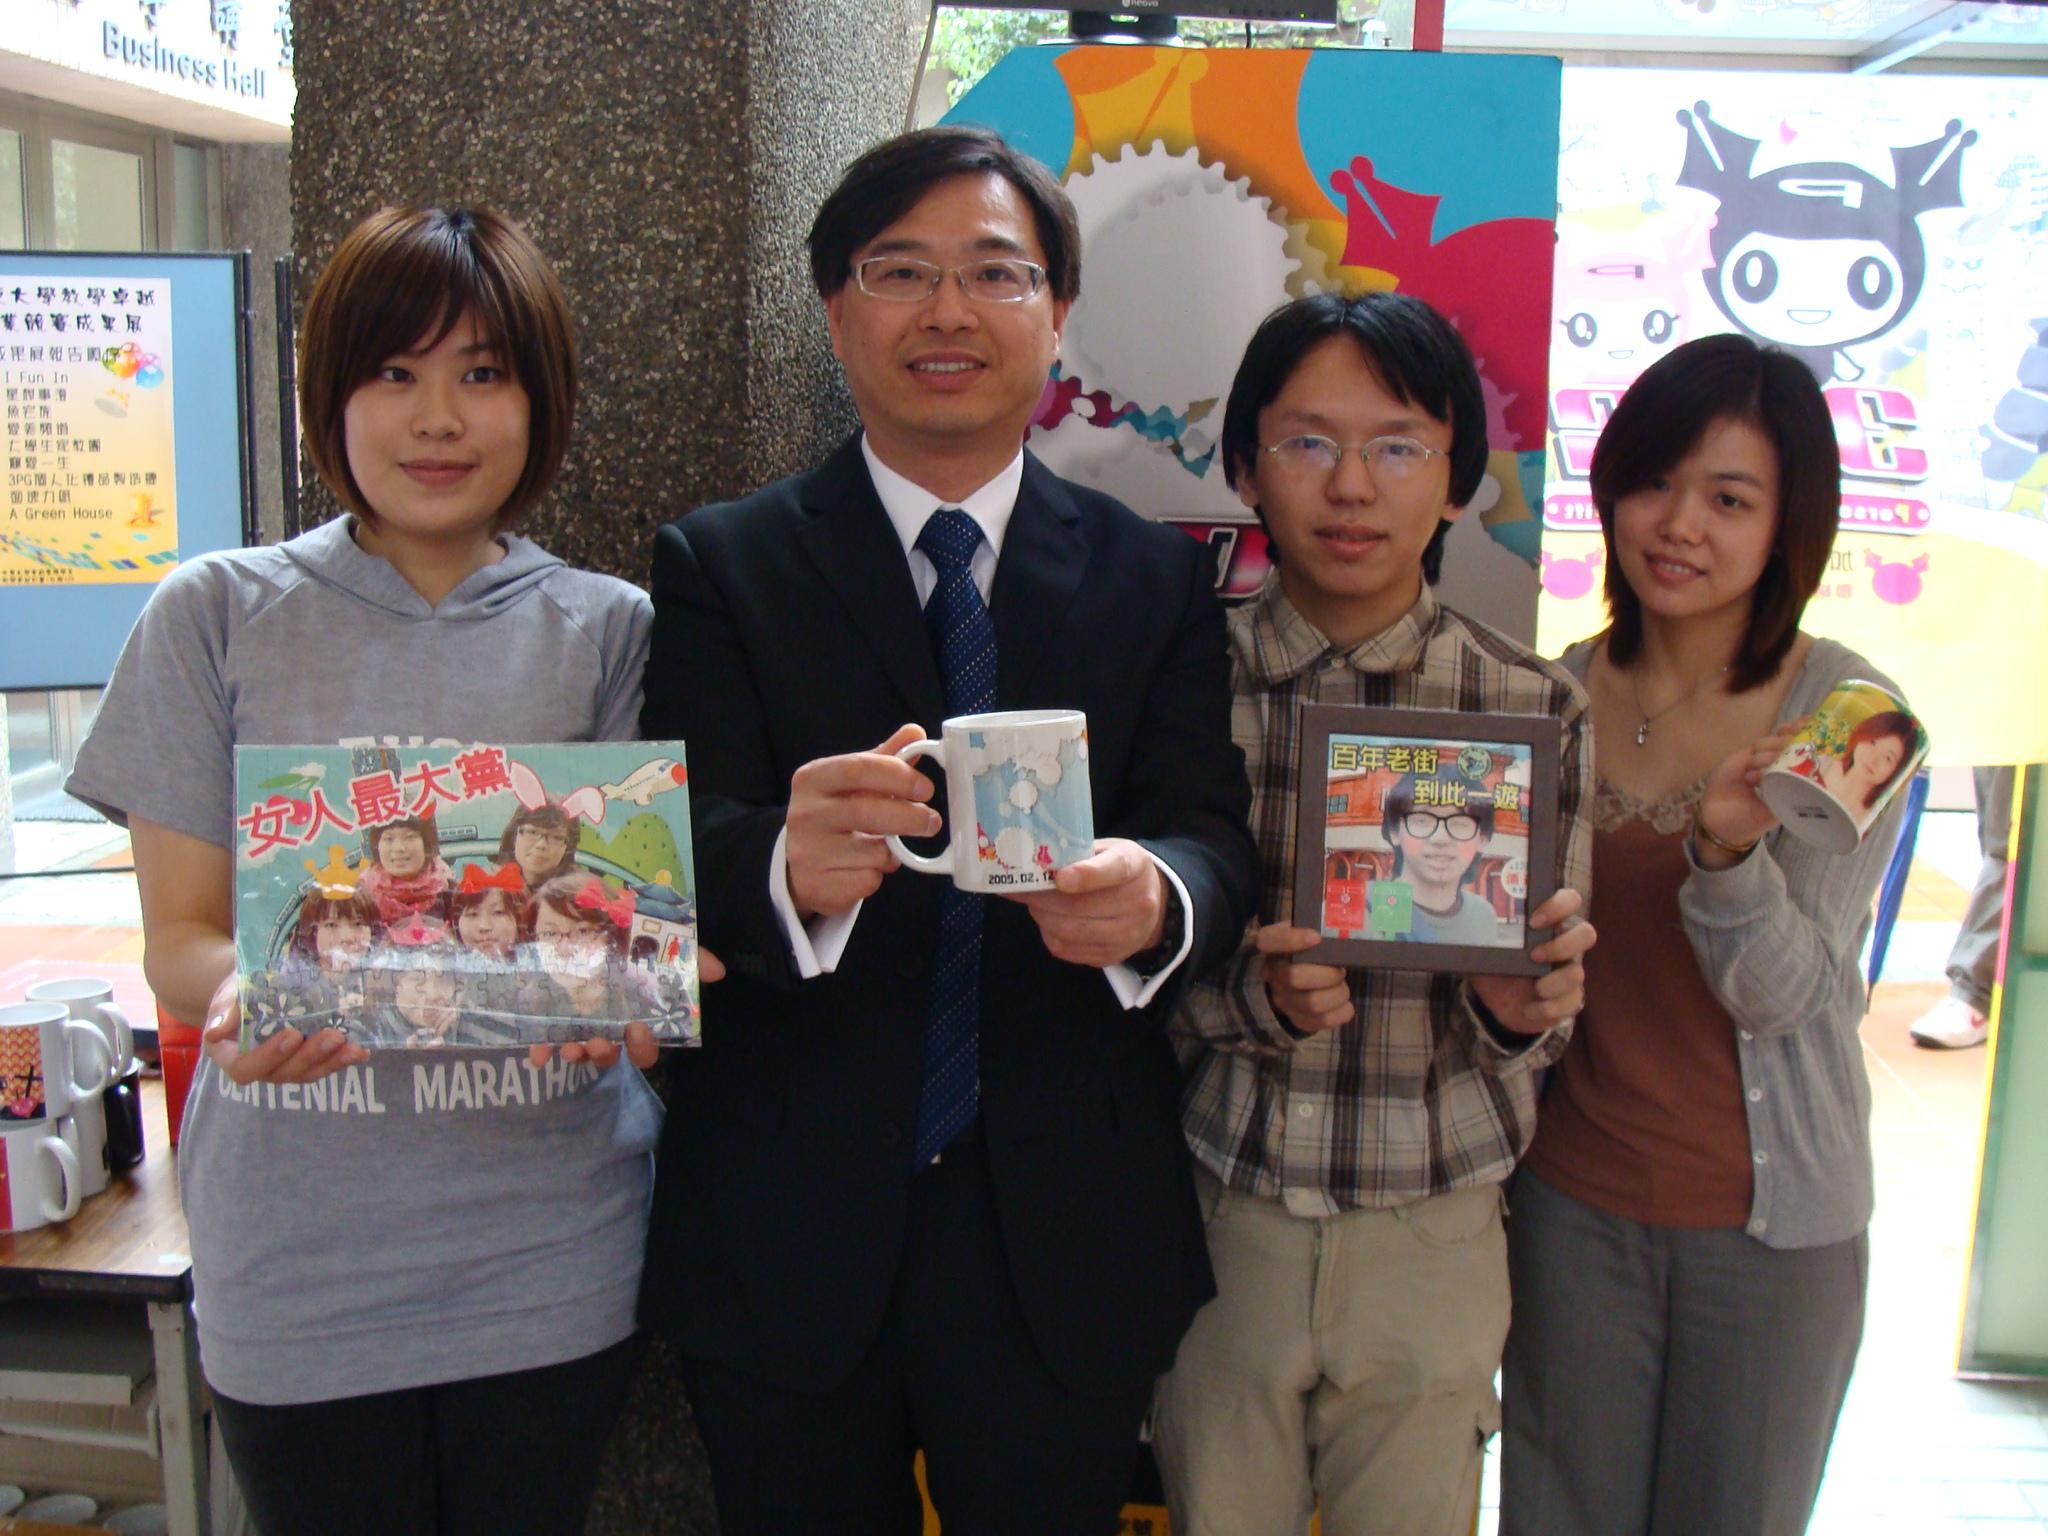 中原大學辦學生創業競賽 9支隊伍競逐總獎金20萬元